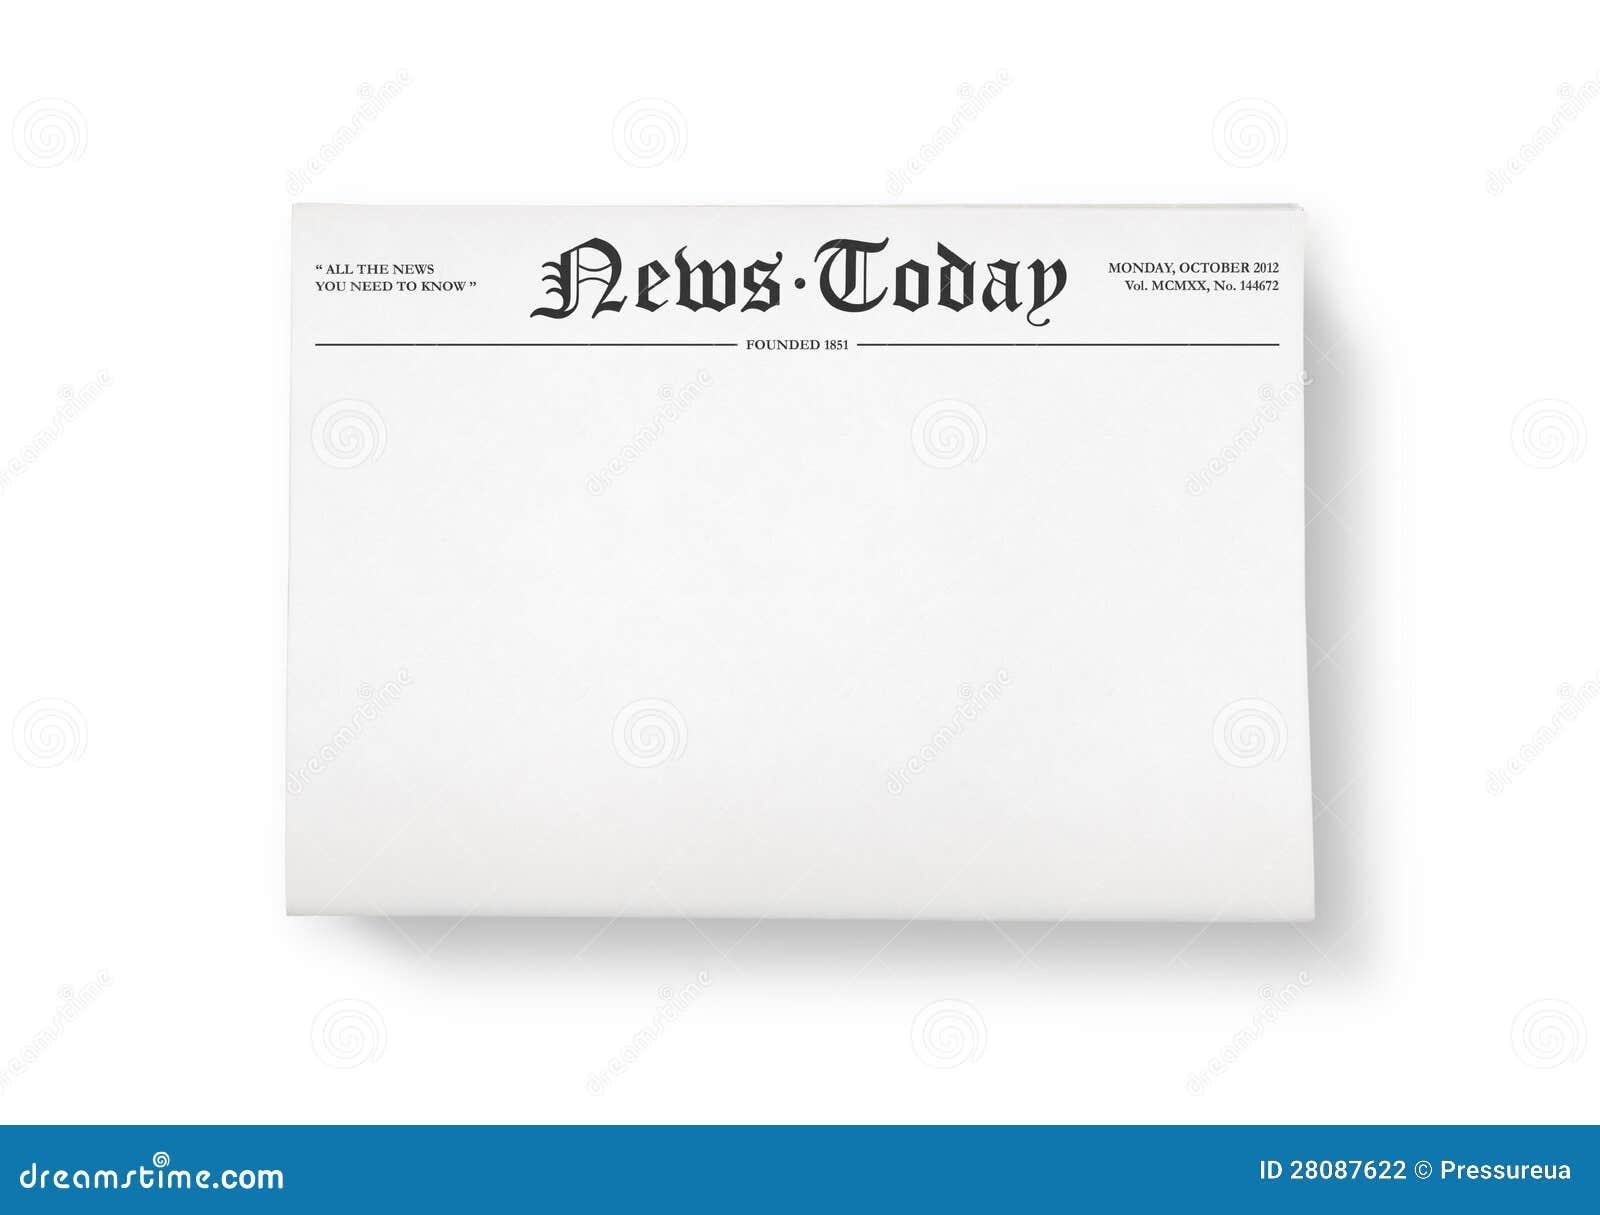 Nieuws vandaag met lege ruimte